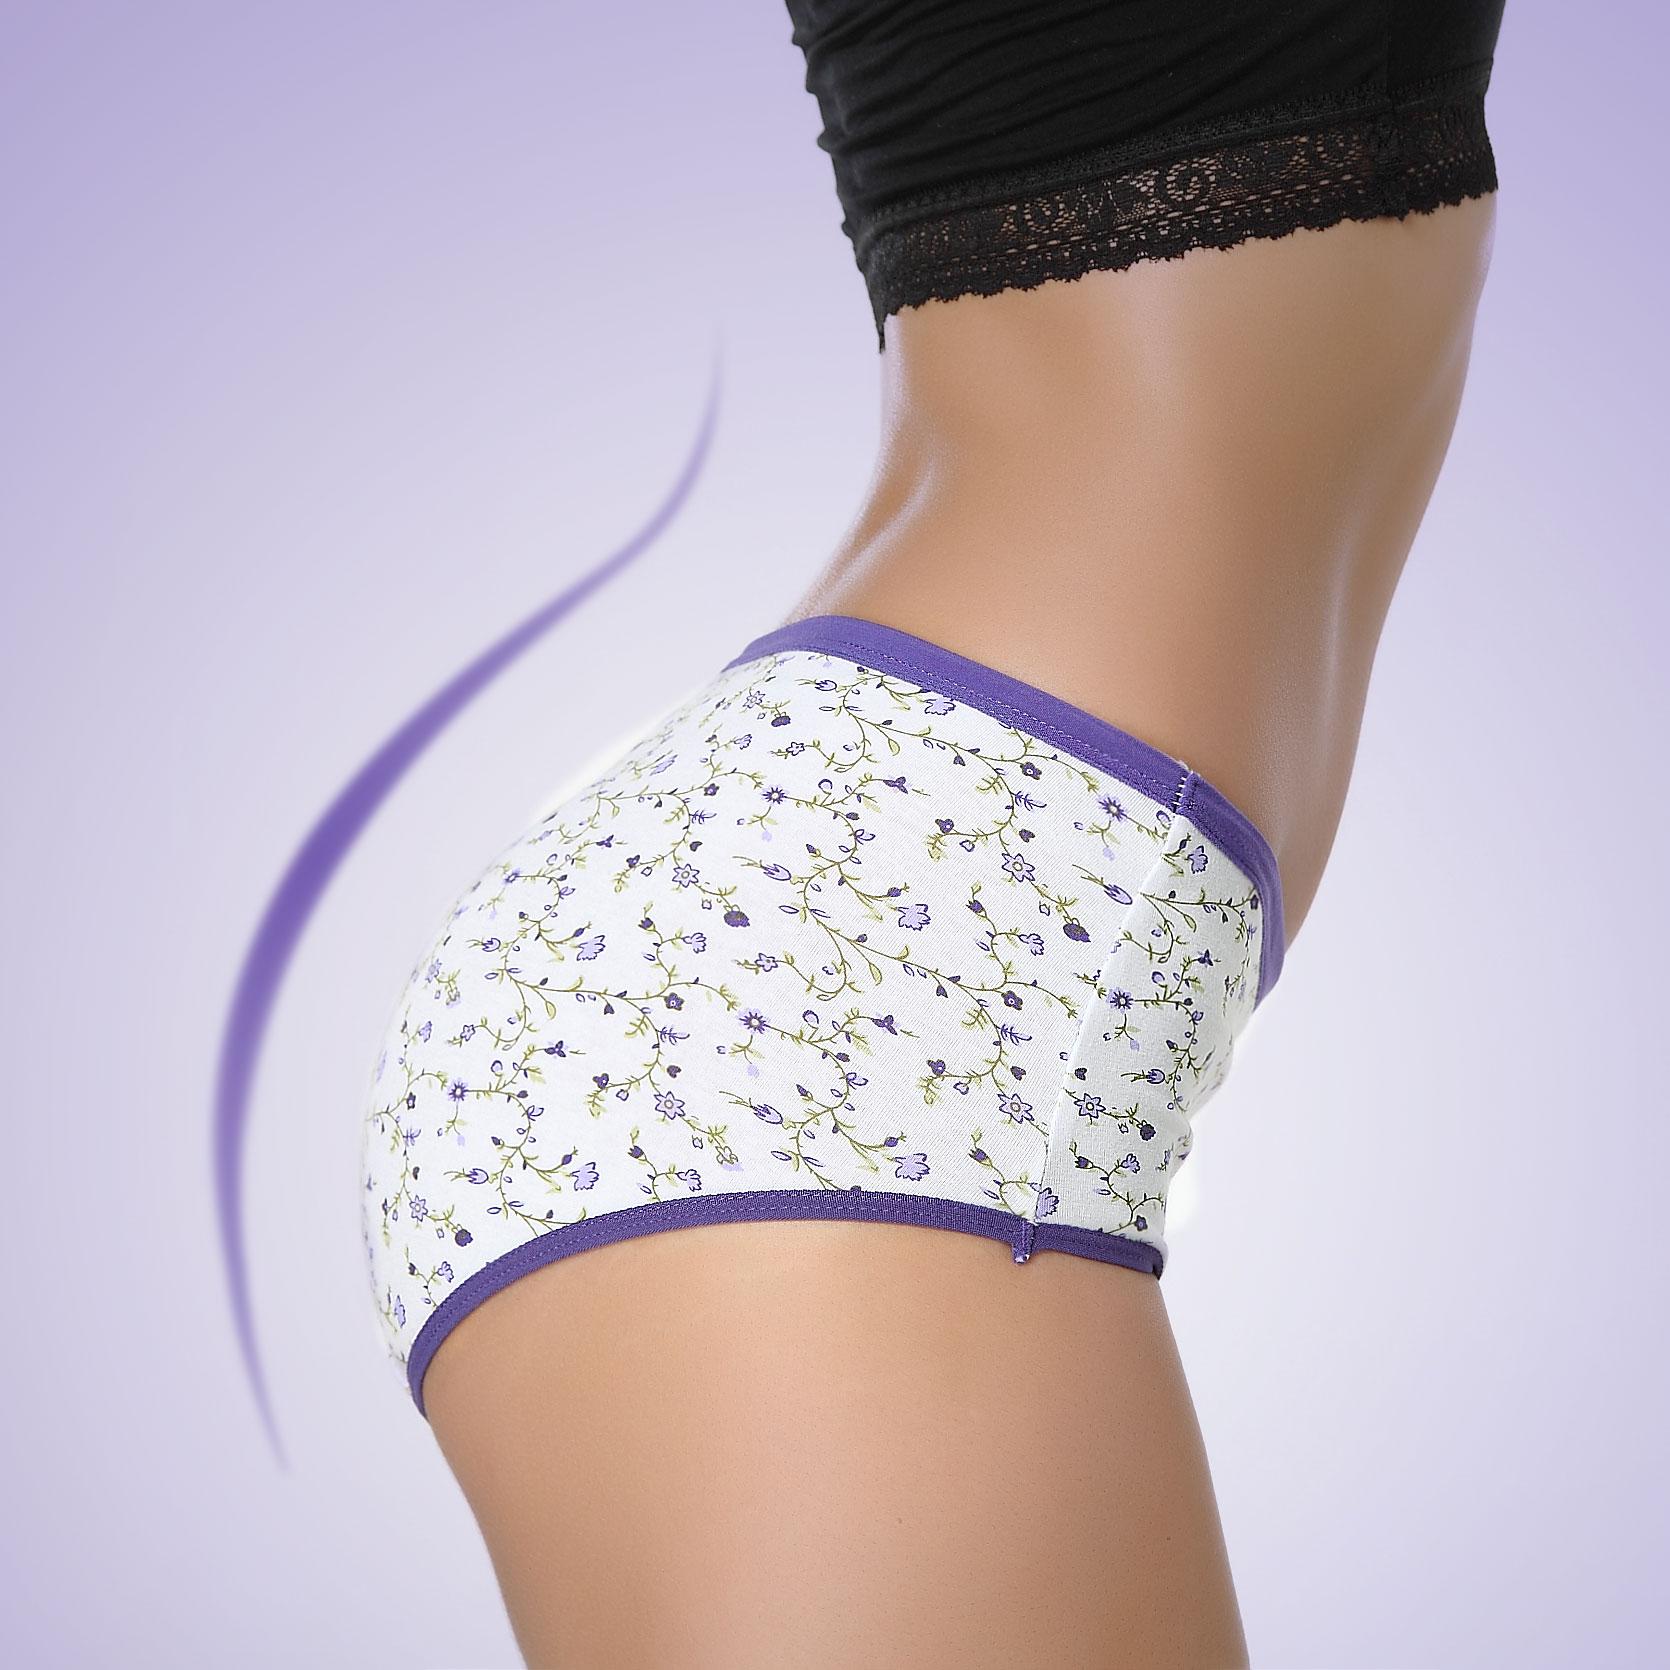 100% cotton panties women's mid waist plus size ladies' underwear sexy briefs for women